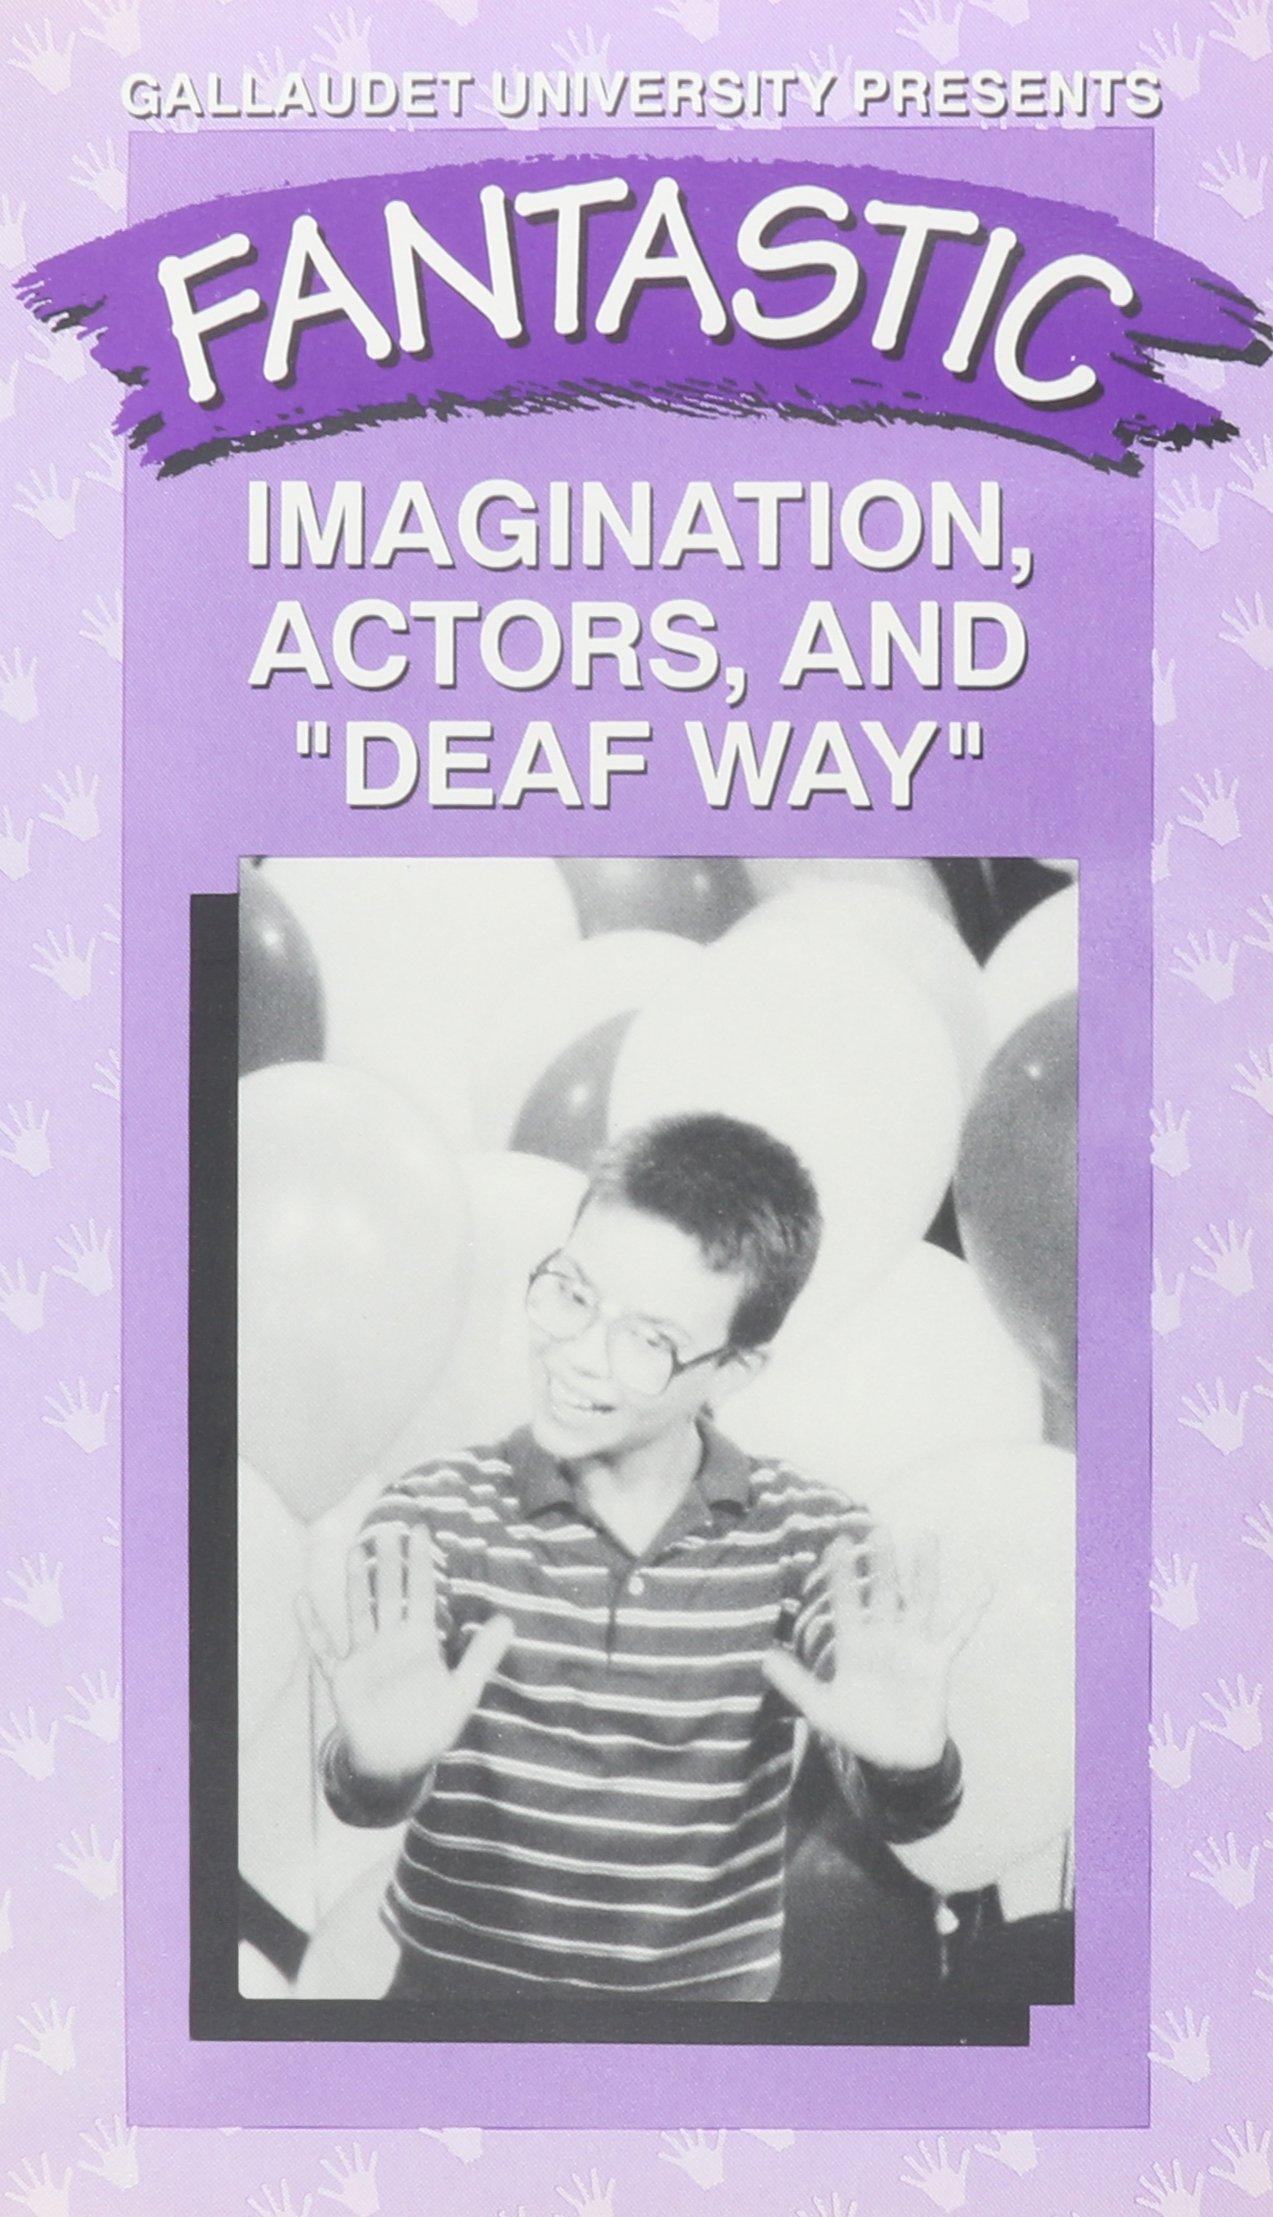 Fantastic D: Imagination, Actors, and ''Deaf Way!'' video [VHS]